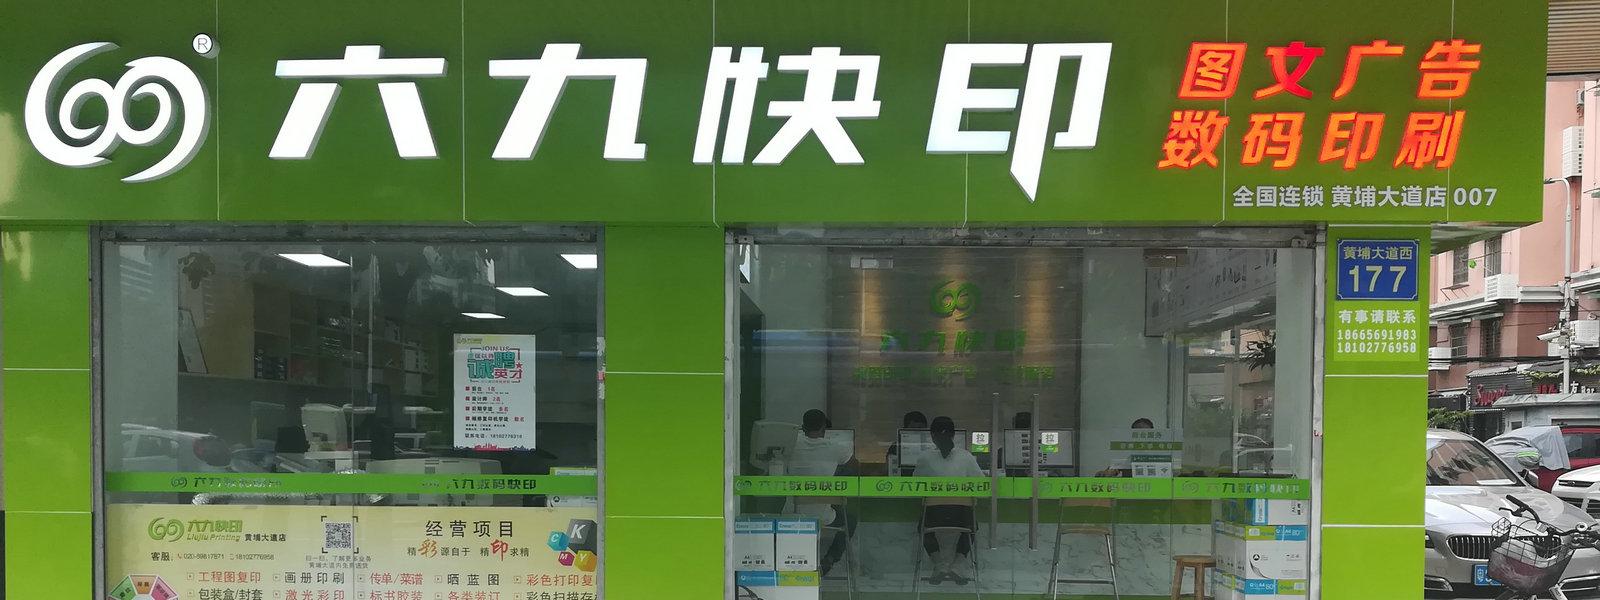 珠江新城快印店